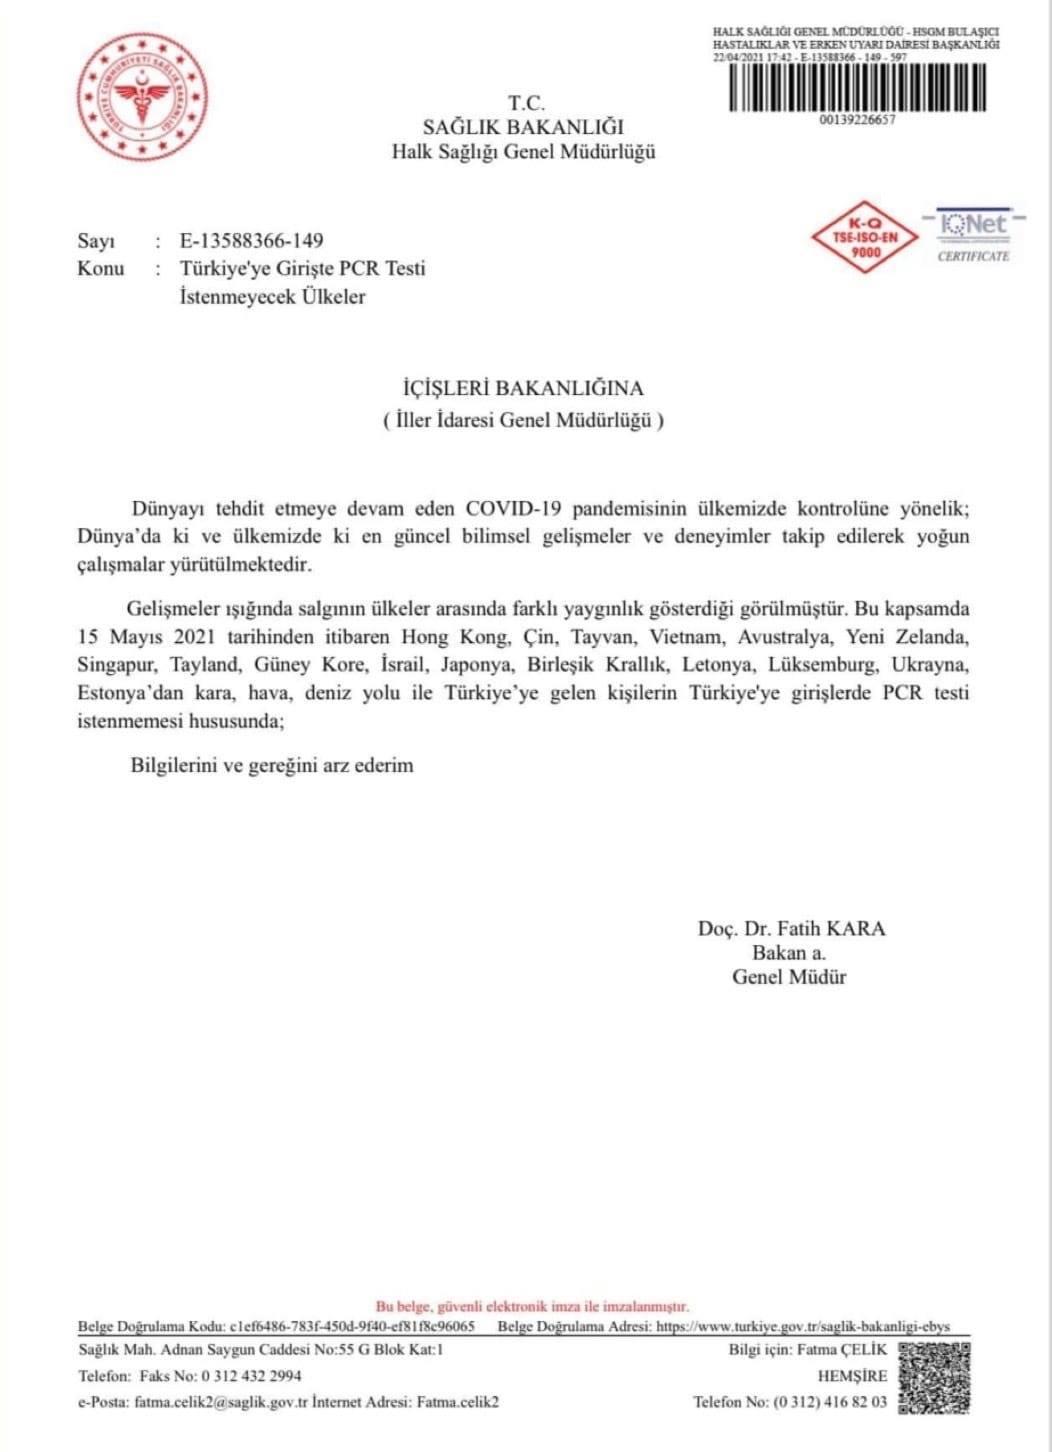 лист Міністерства охорони здоров'я Туреччини до Міністерства внутрішніх справ Туреччини